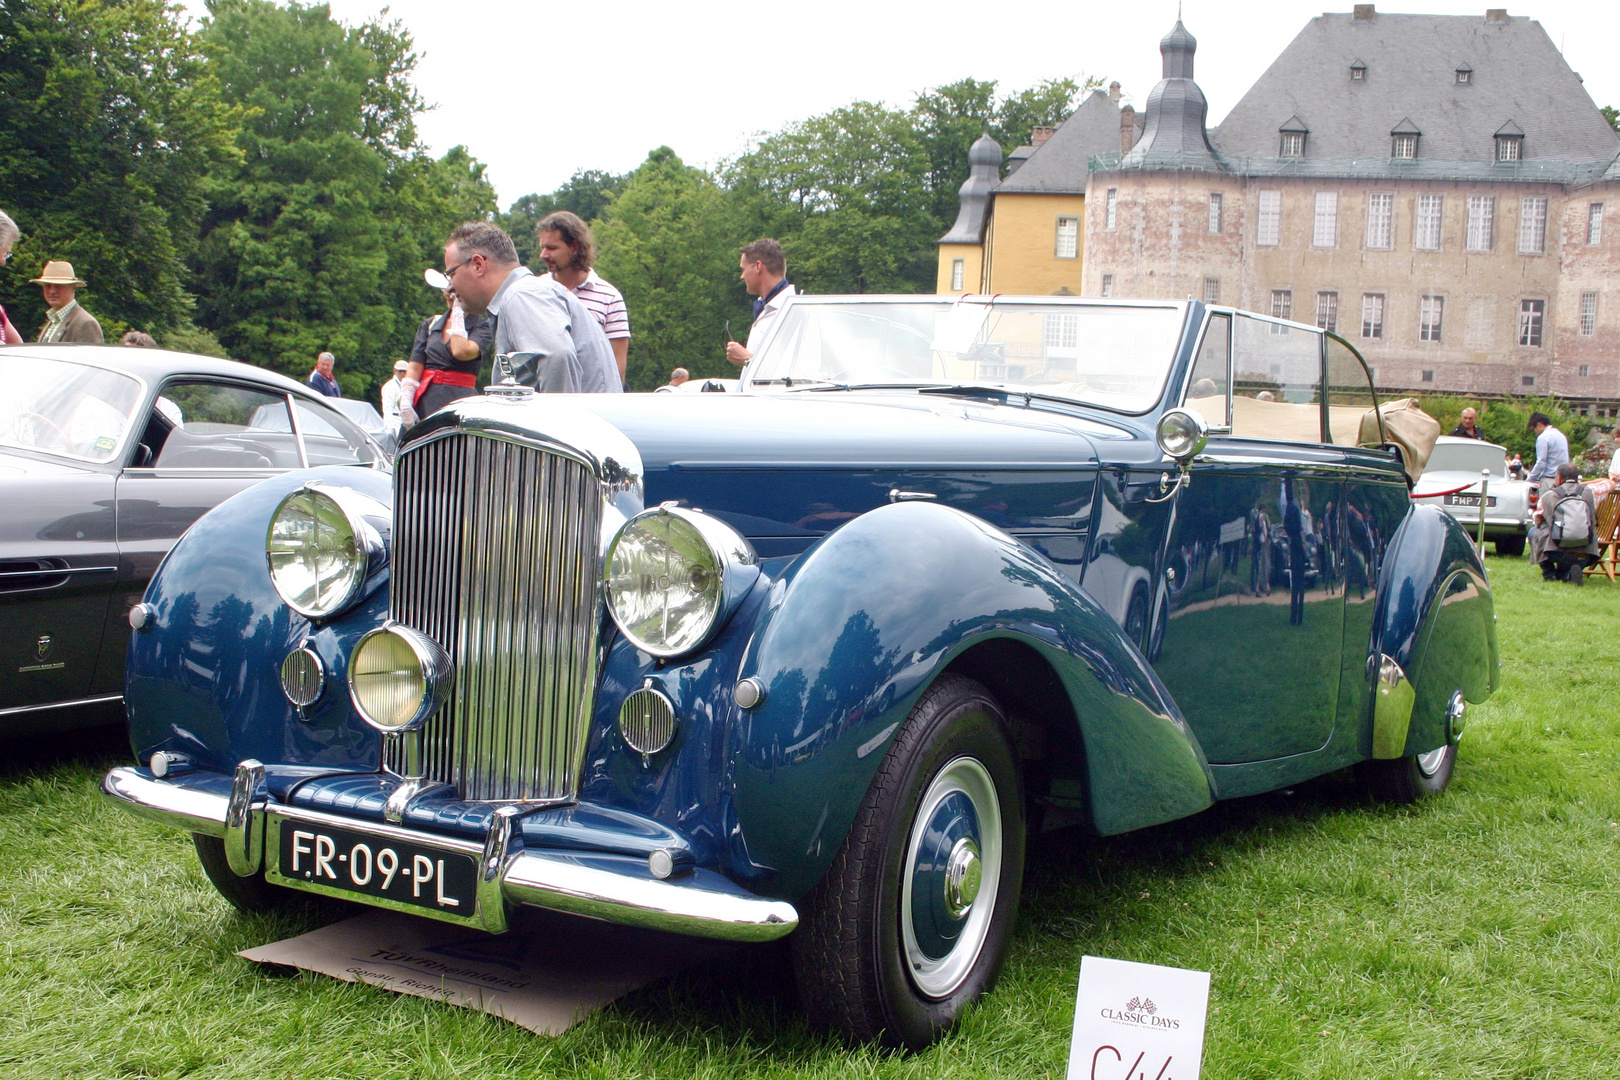 Classic Days Schloss Dyck 06